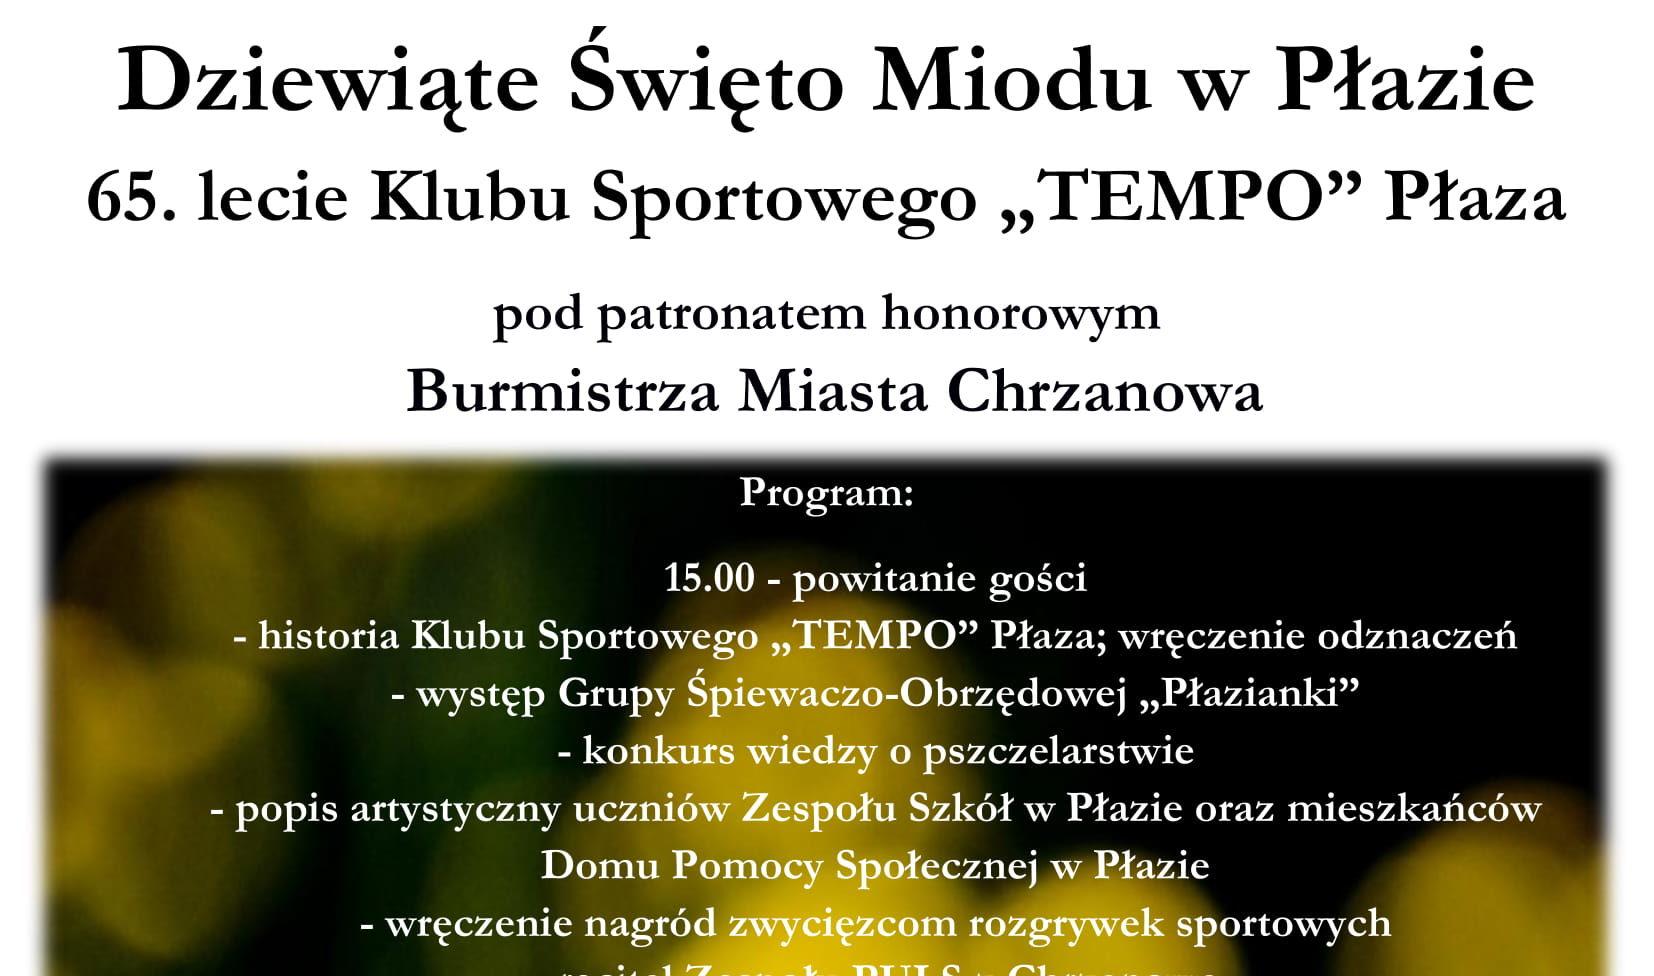 """Dziewiąte Święto Miodu w Płazie, 65. lecie Klubu Sportowego """"TEMPO"""" Płaza"""